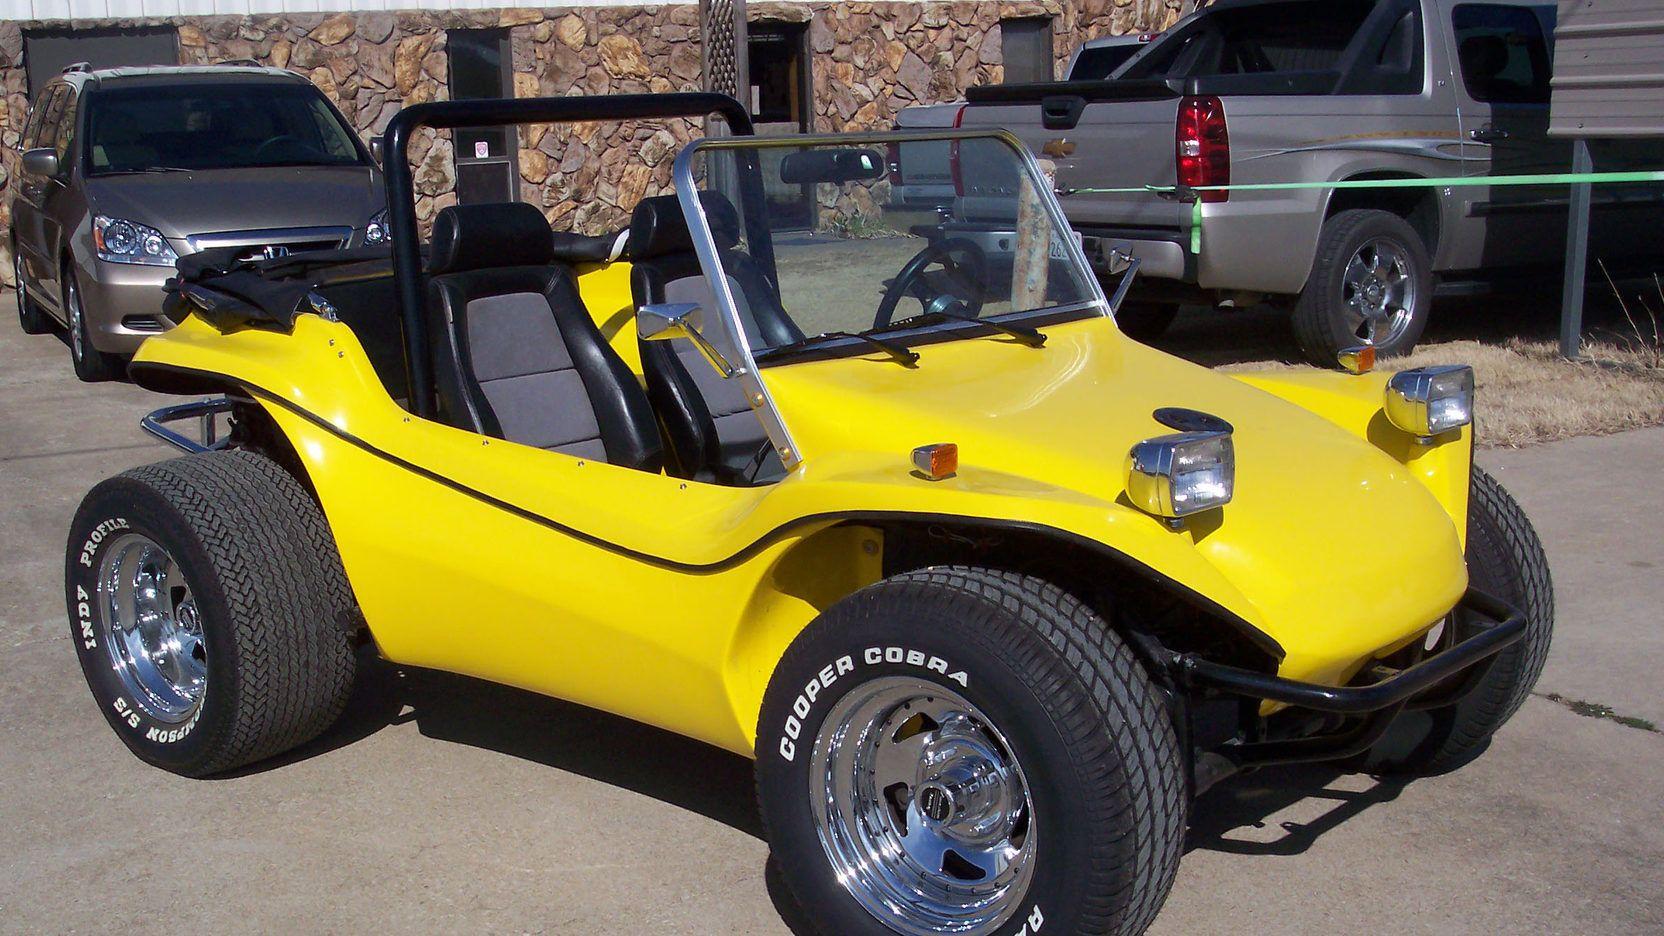 Volkswagen Dune Buggy 2021 Price And Release Date Dune Buggy Volkswagen Ford Mustang Cobra